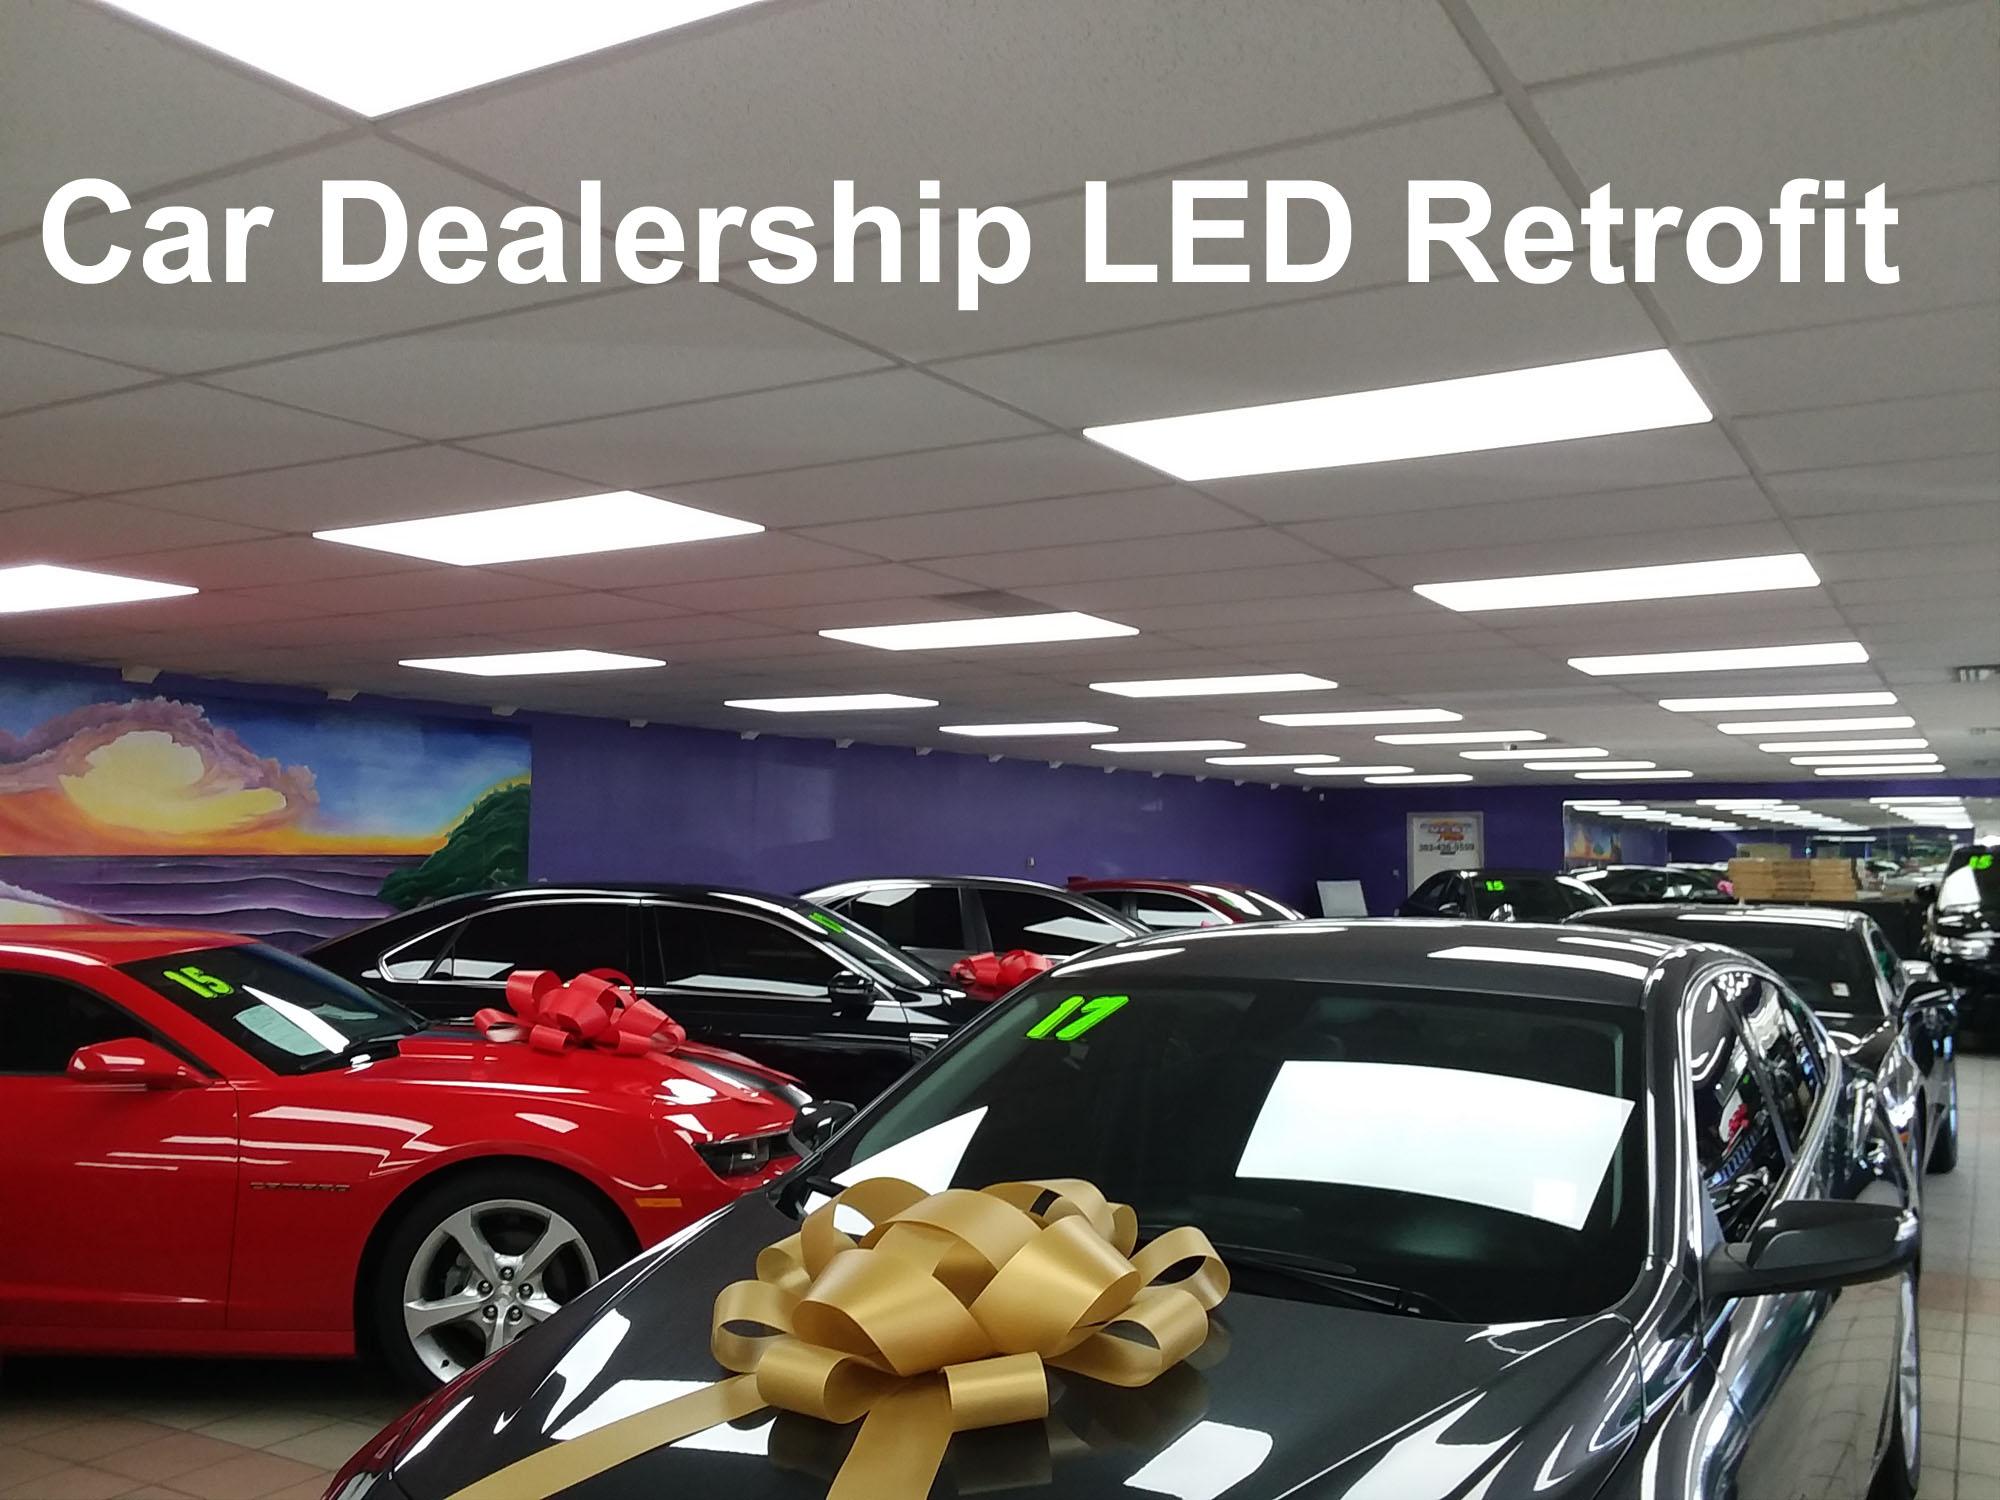 LED lighting for Car Dealership showroom in Denver, Colorado